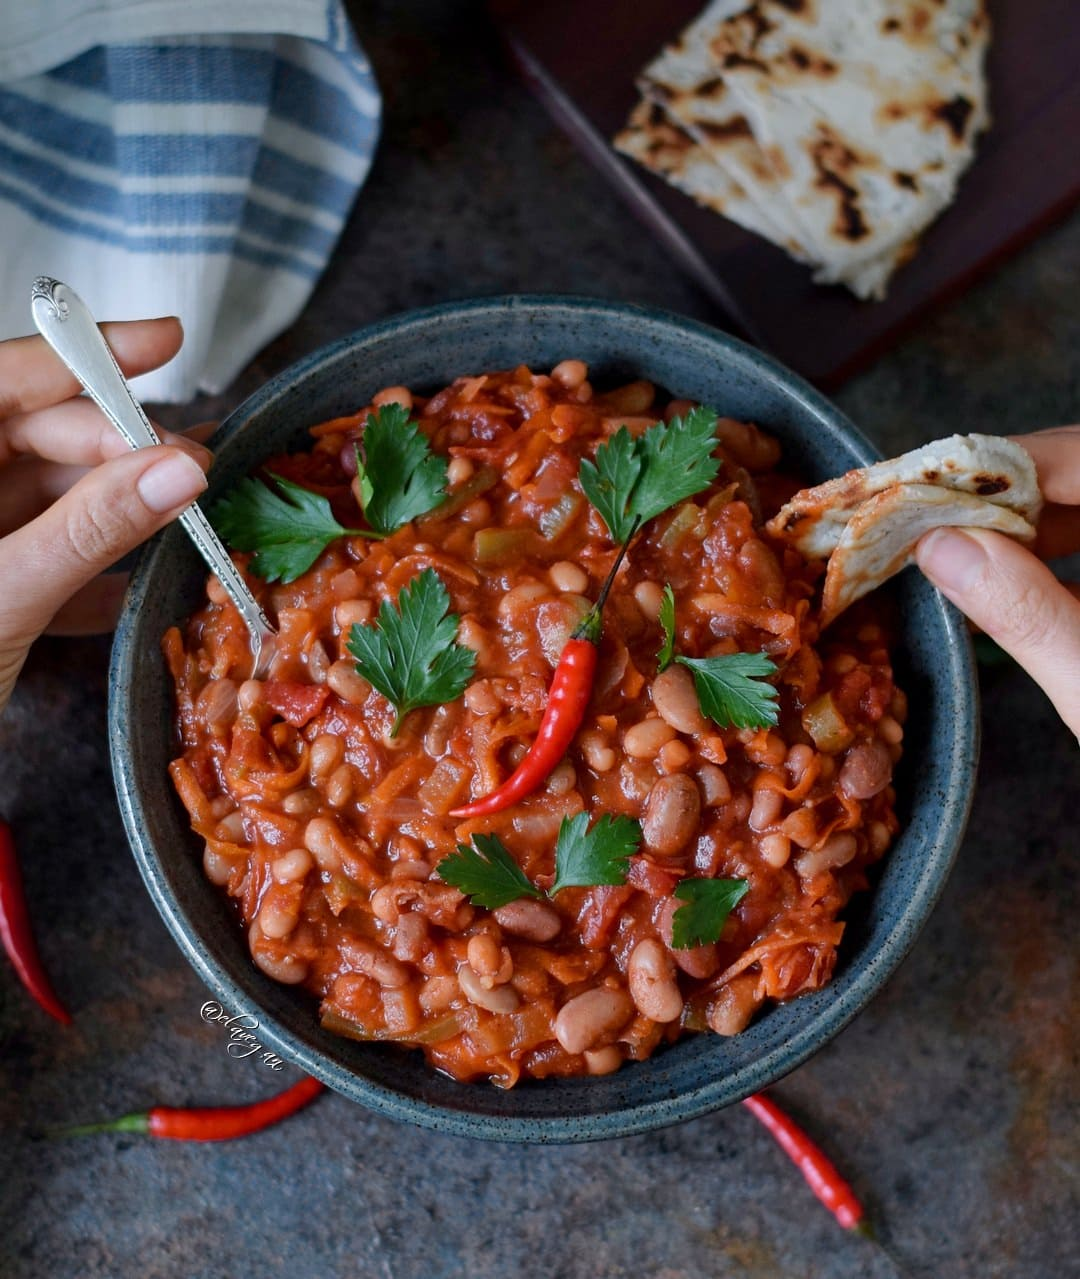 Chili sin carne, vegan und lecker mit Bohnen - das Rezept ist ohne Fleisch, fettarm, glutenfrei, einfach zu machen, perfekt zum Mittagessen oder Abendessen